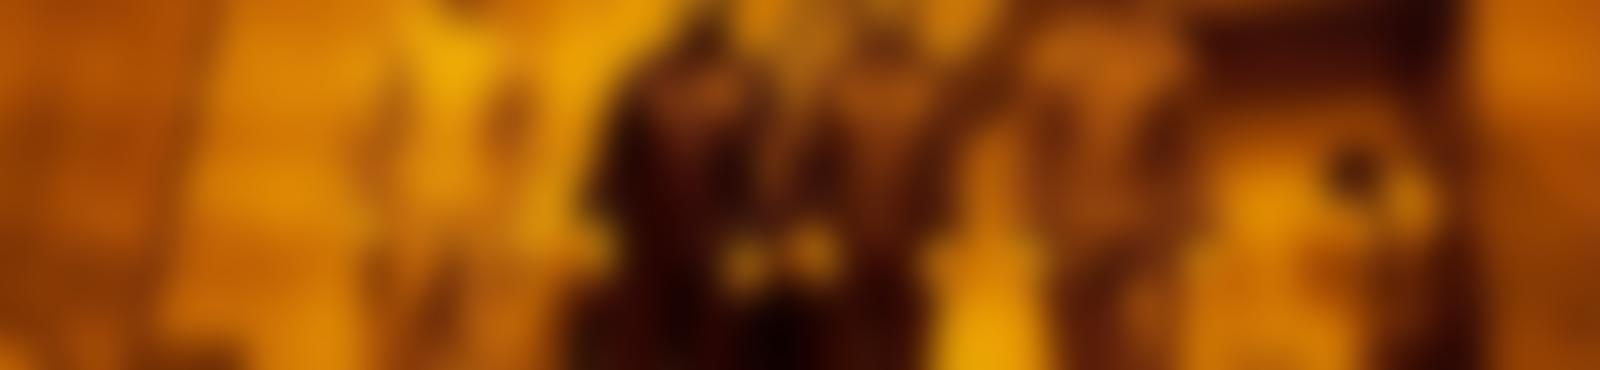 Blurred a10474b9 f346 4859 bf8c 057a190d978d